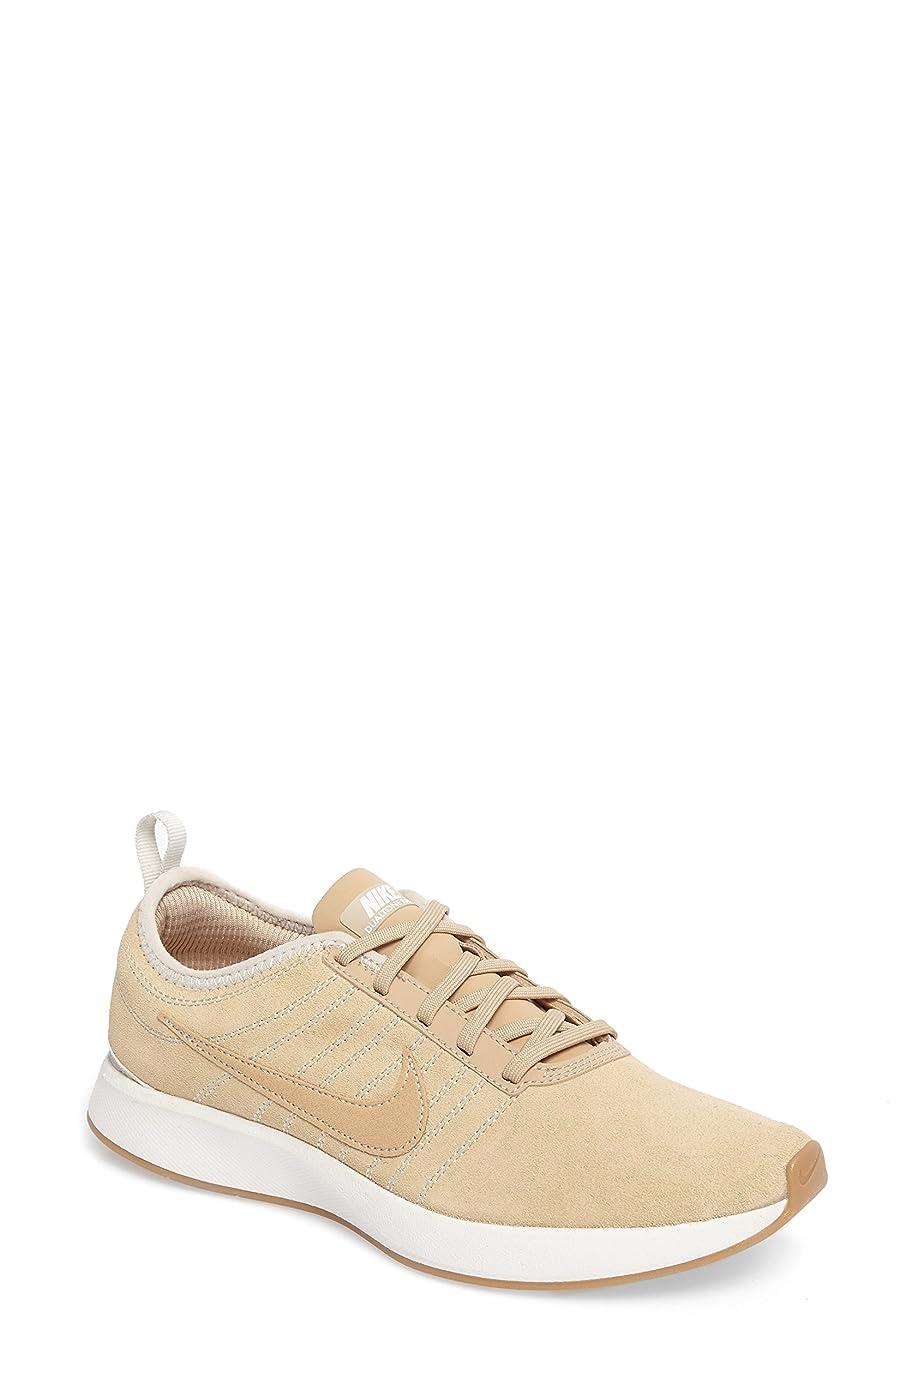 レオナルドダ面妖精ナイキ シューズ スニーカー Nike Dualtone Racer SE Sneaker (Women) Mushroom/ [並行輸入品]